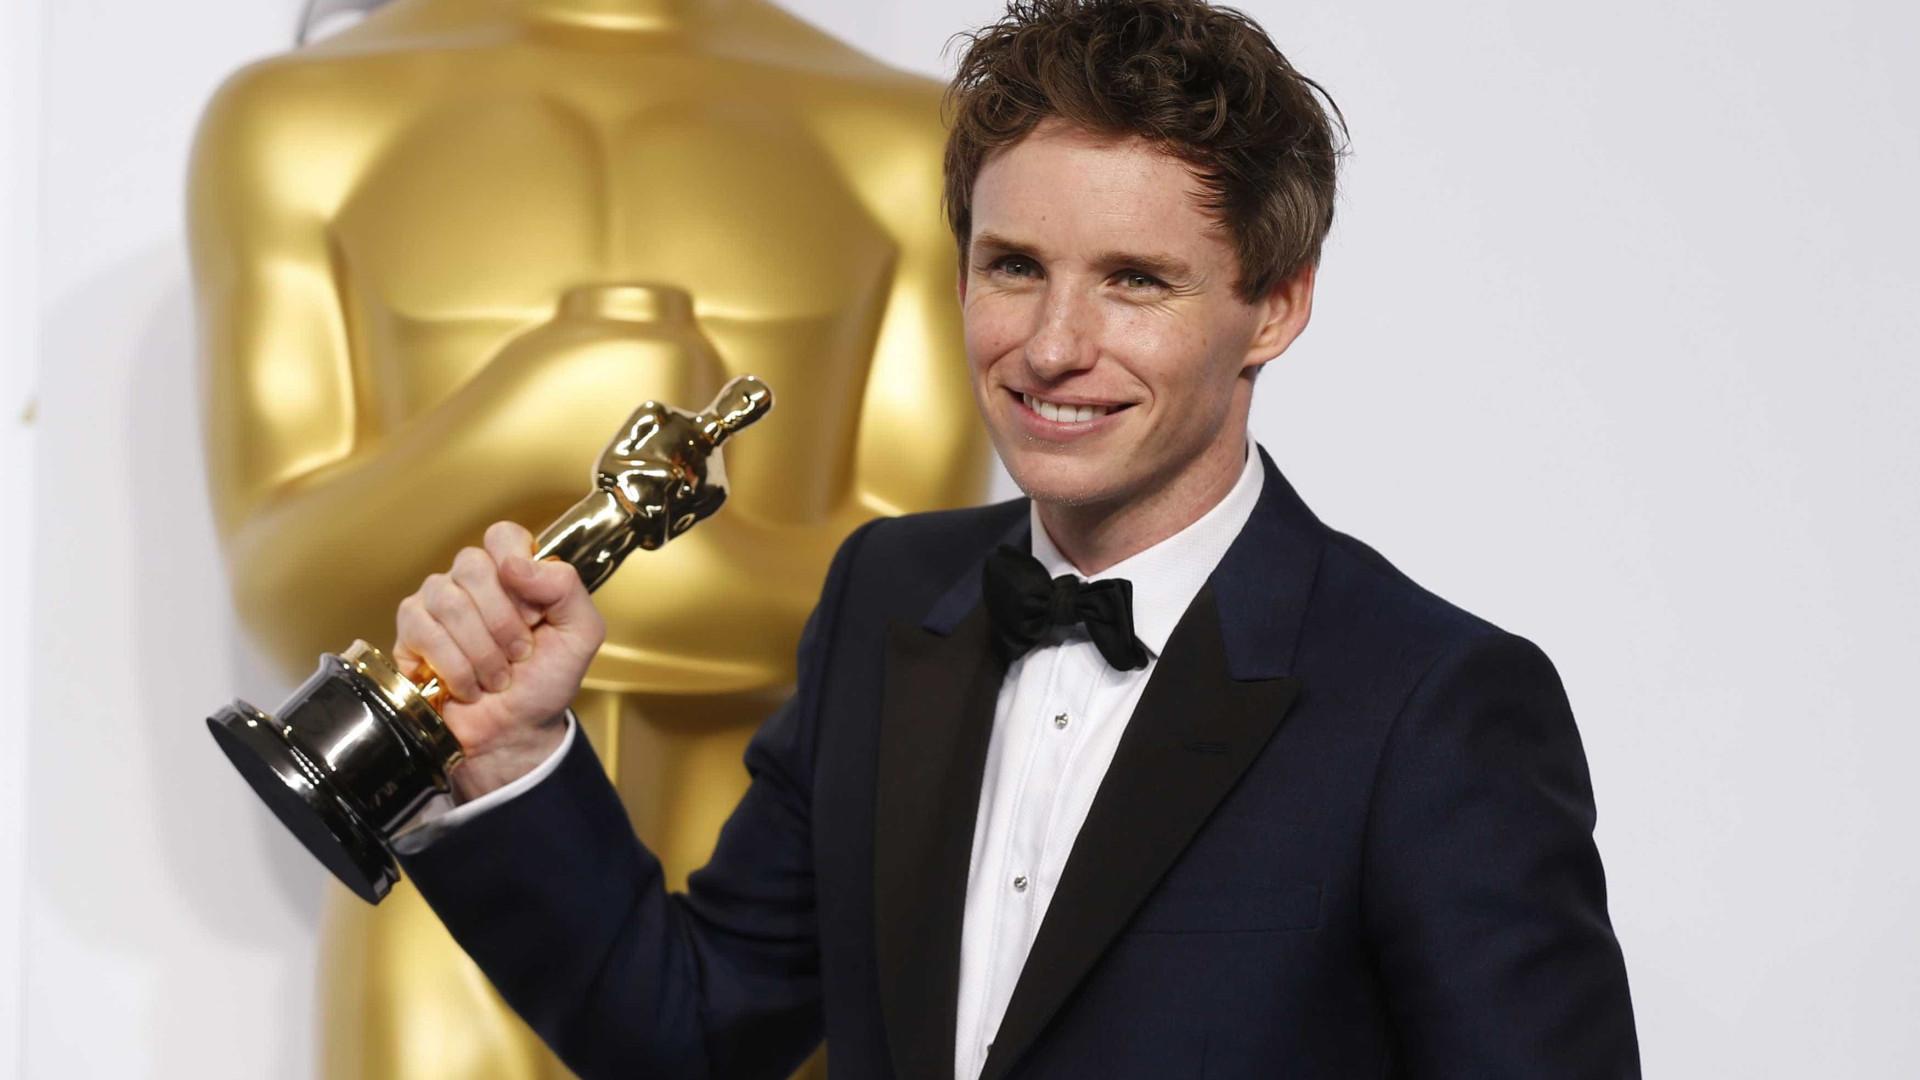 Ator ganhou Oscar e Globo de Ouro por interpretar Stephen Hawking